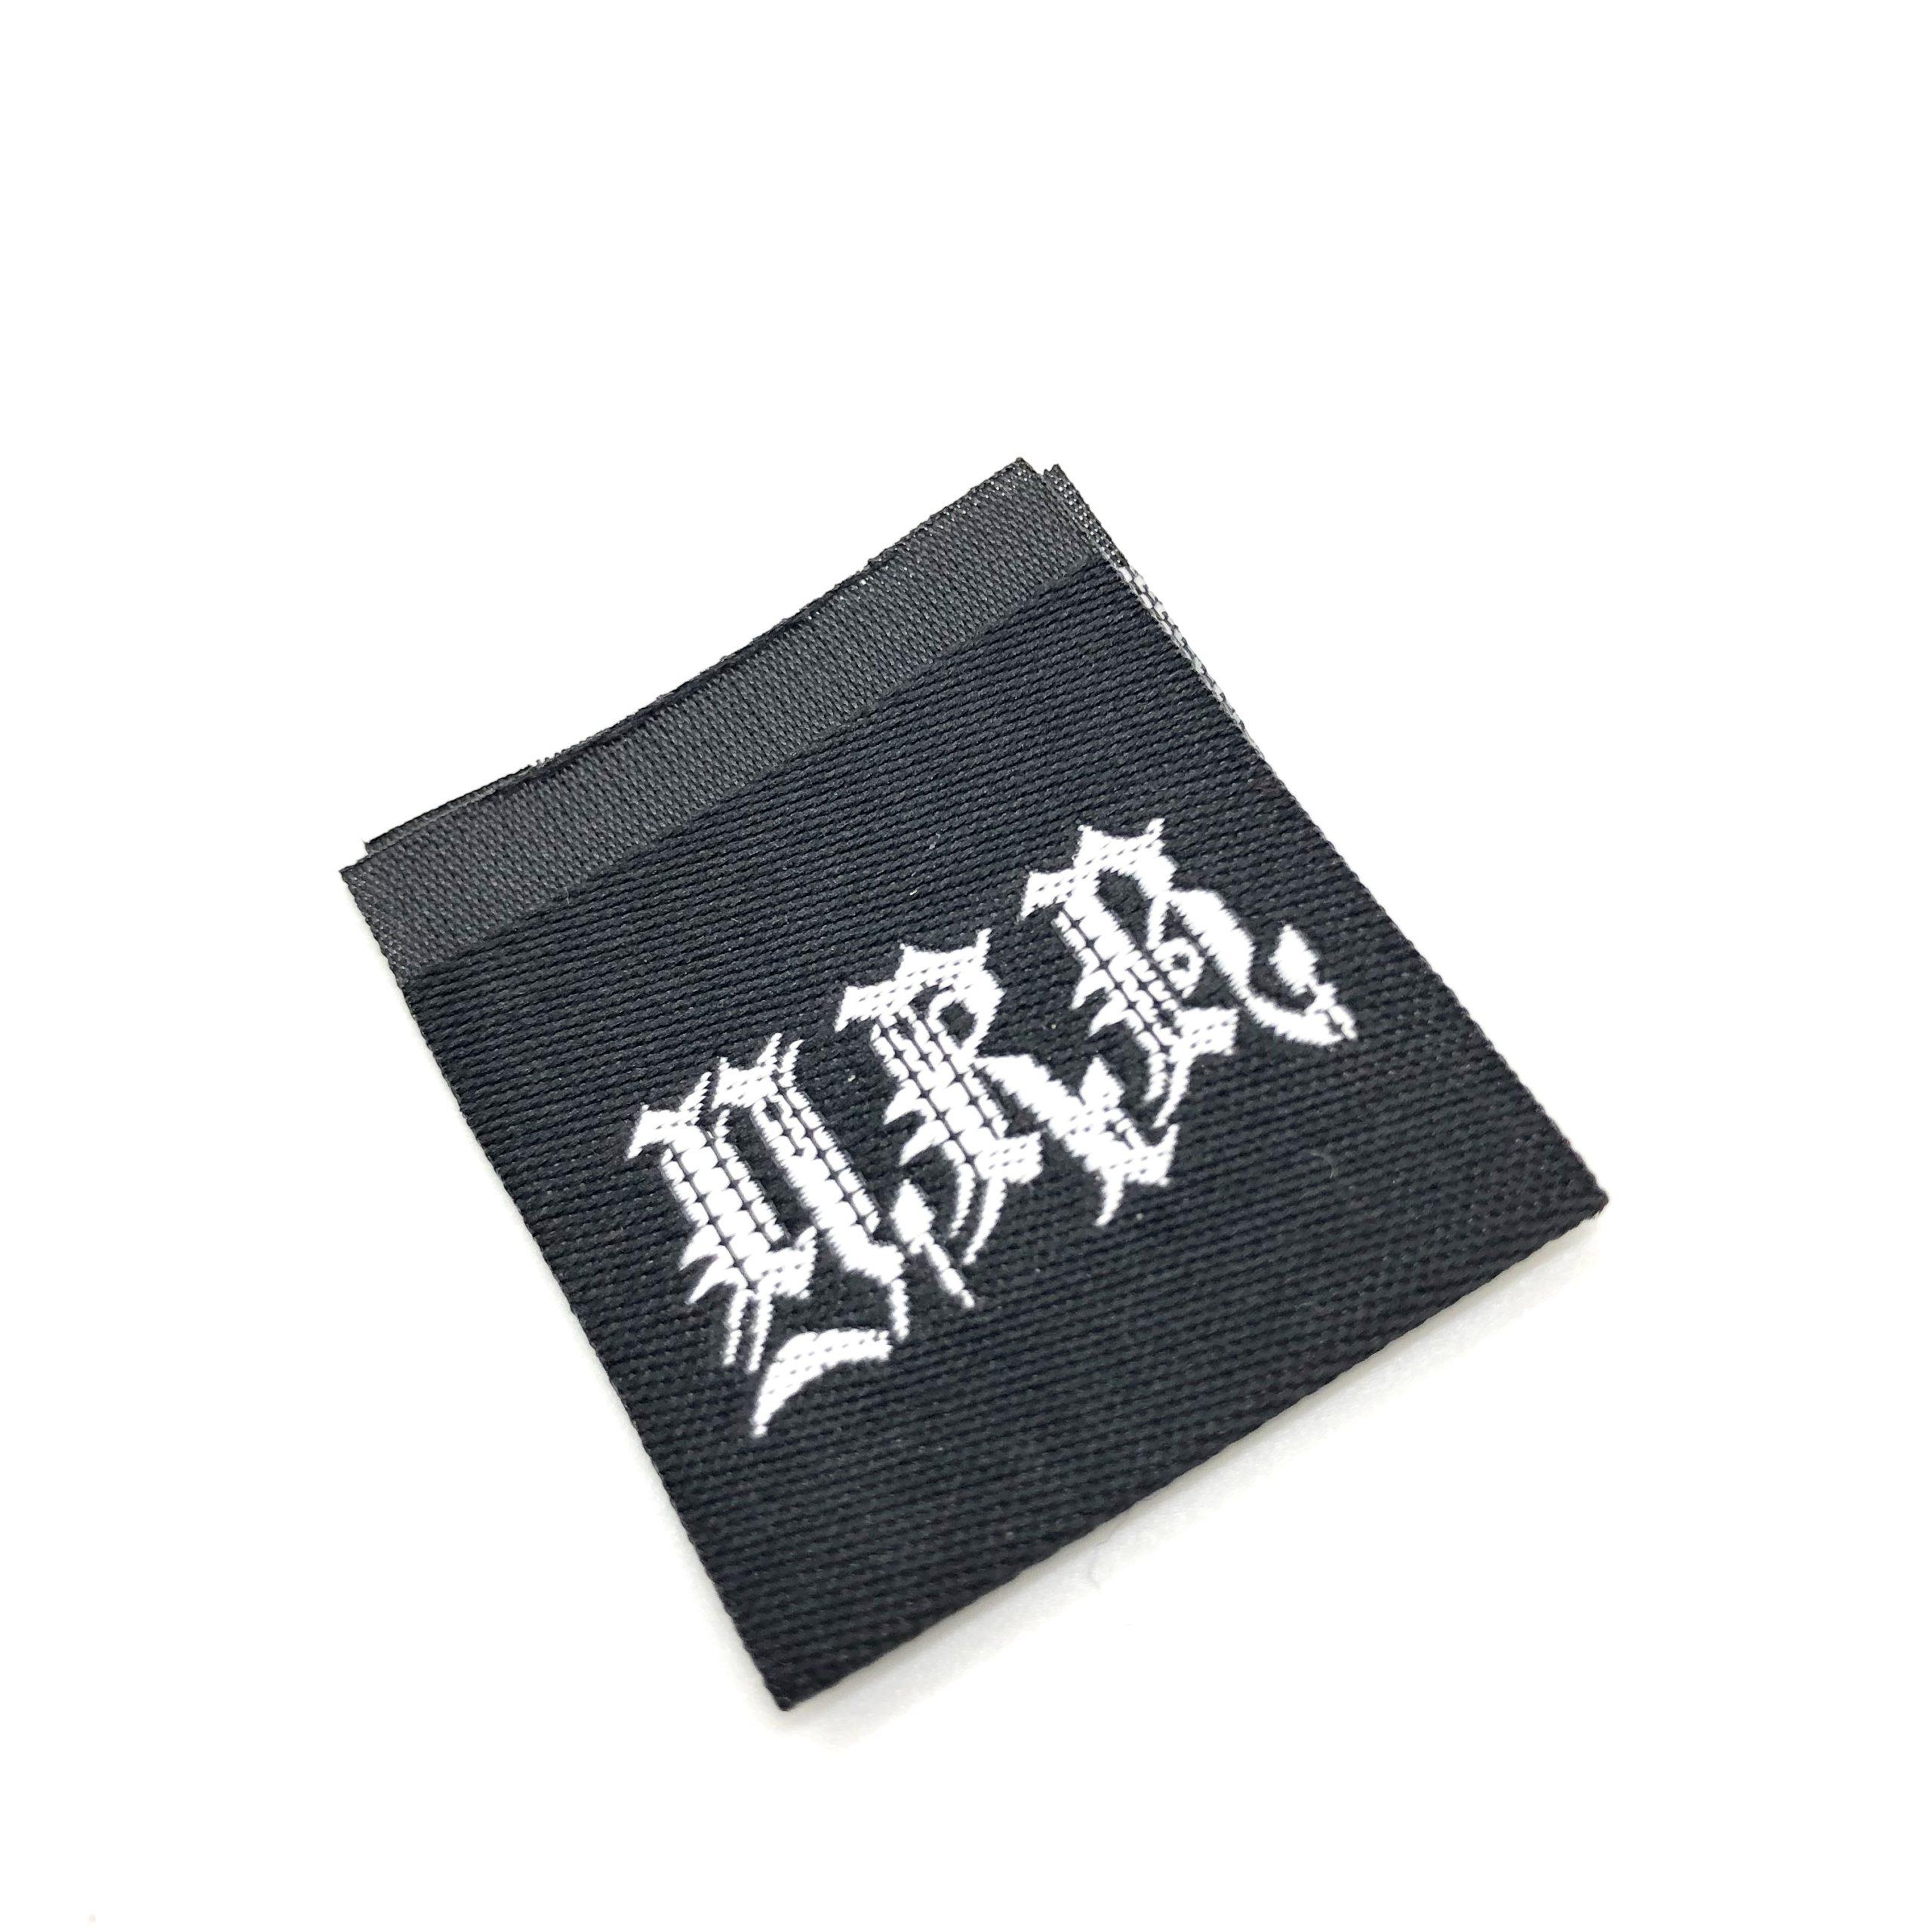 本格的なオリジナル刺繍タグ(織ネーム)制作例